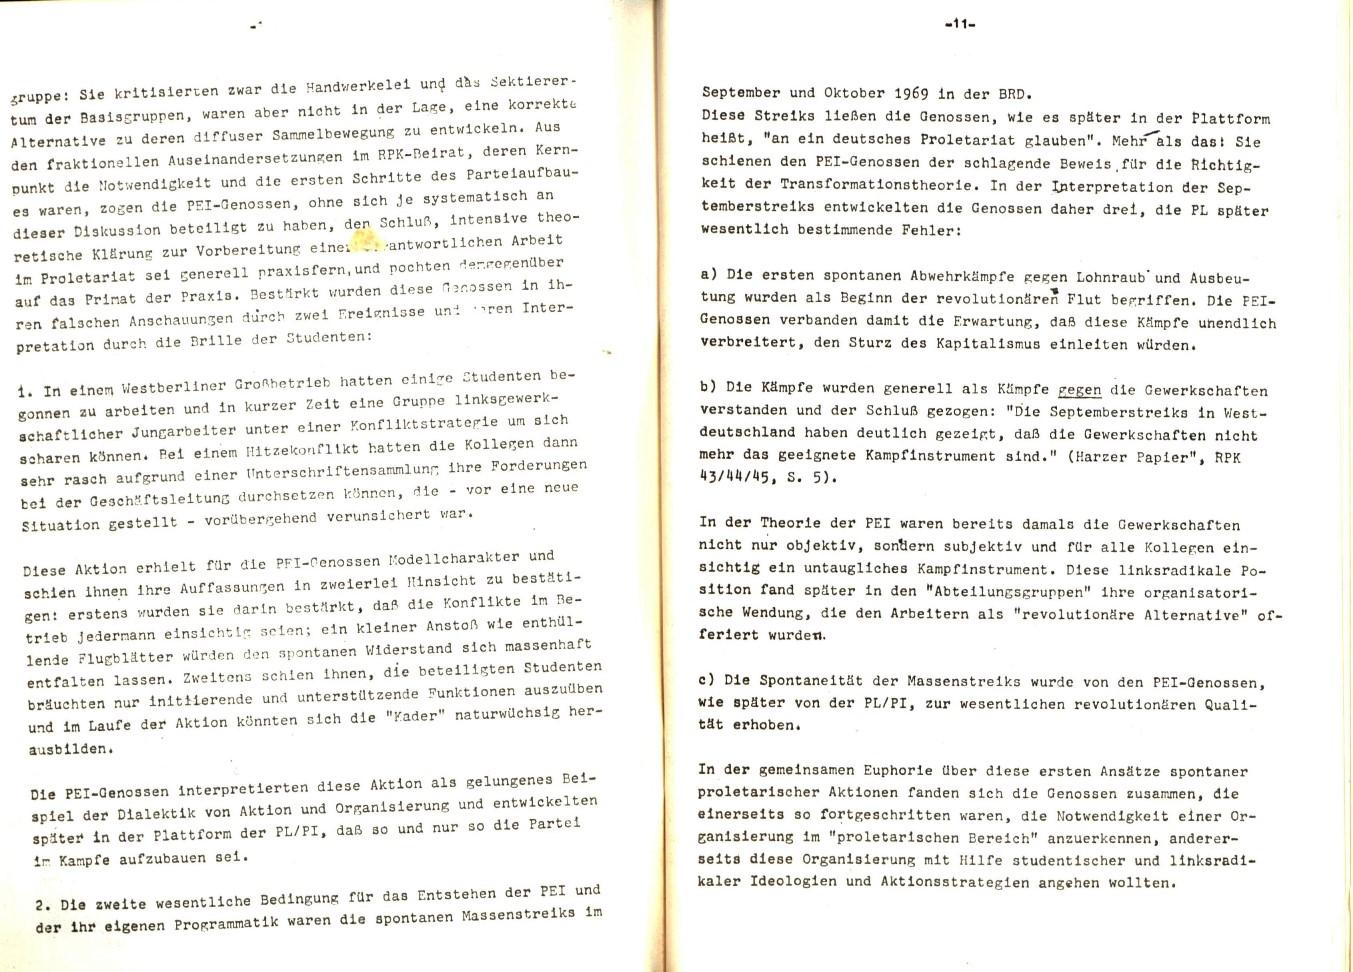 PLPI_1971_Aufloesung_08